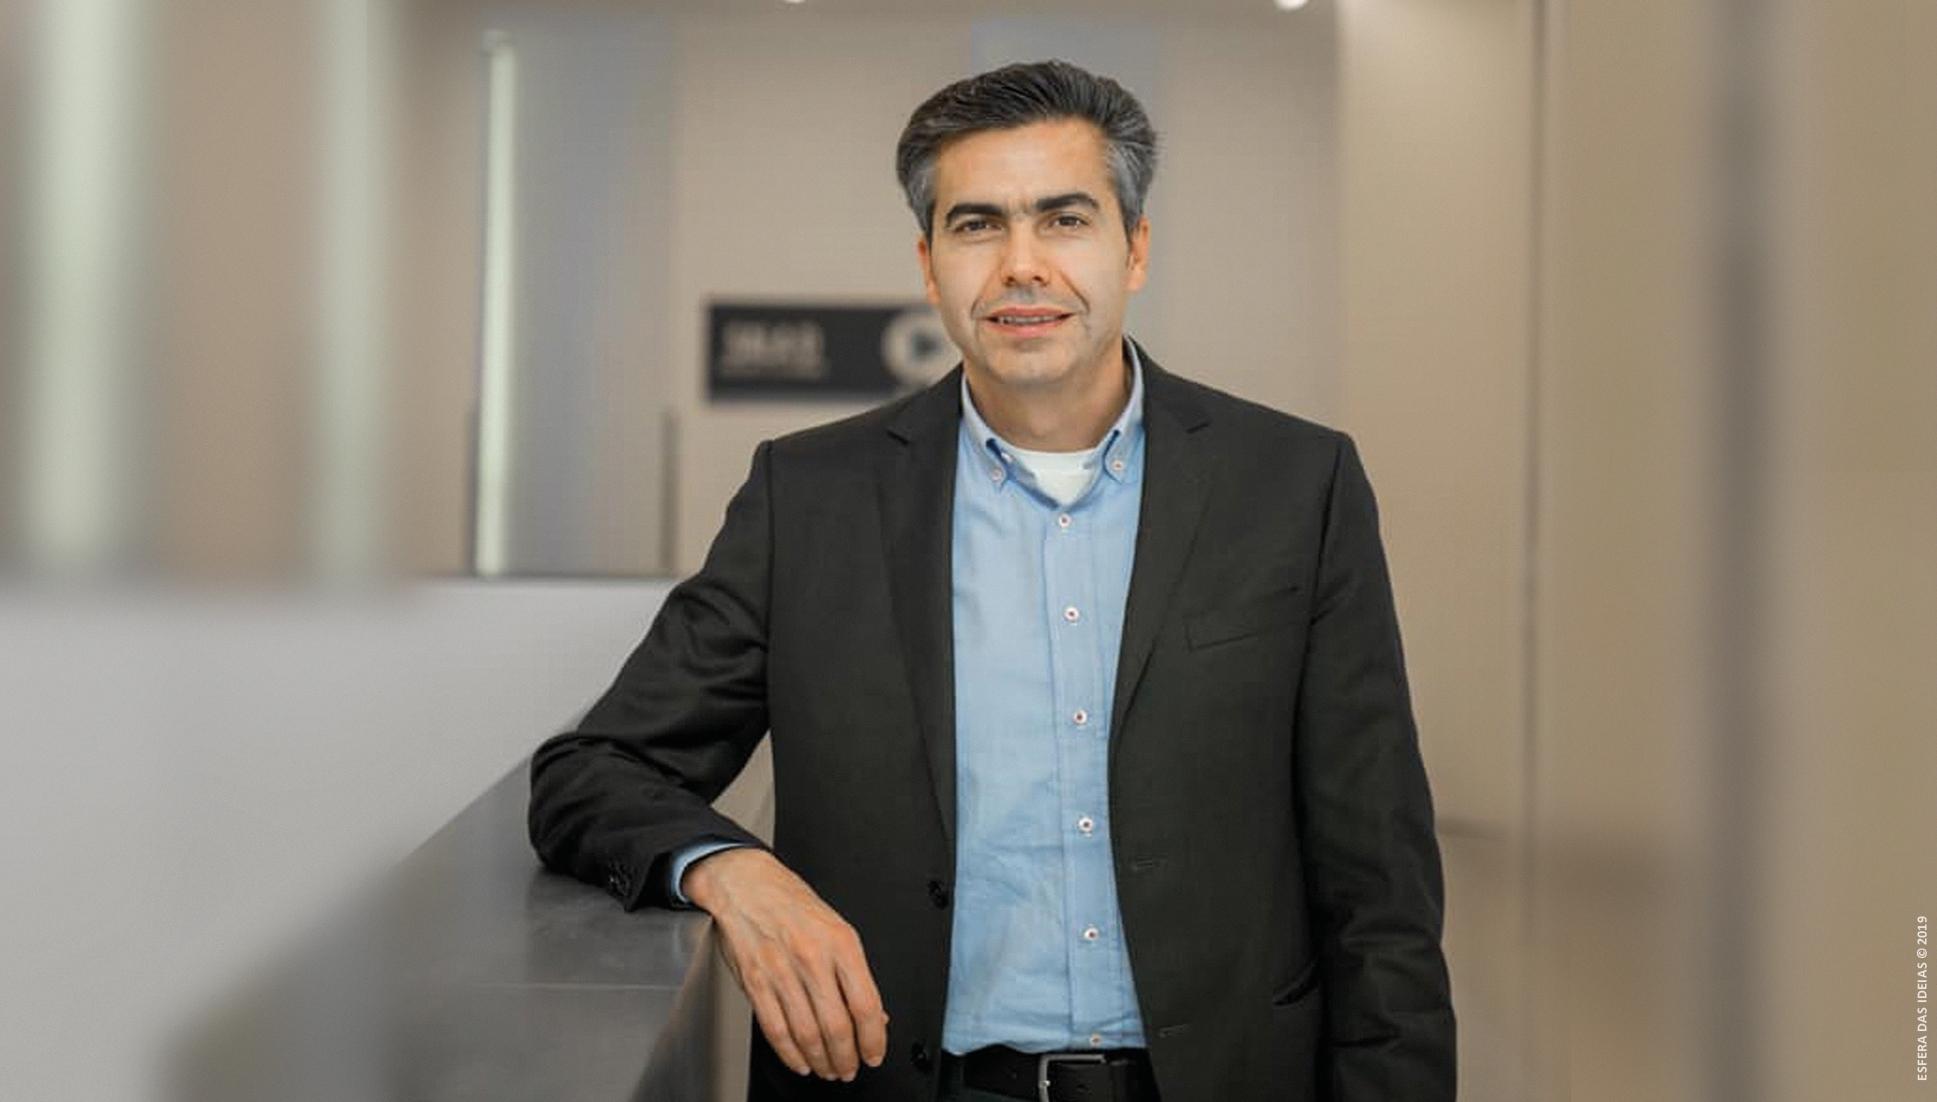 Plataforma Notícias Ordem Engenheiros Região Norte - Há um engenheiro português distinguido pelo estudo no diagnóstico da Leucemia